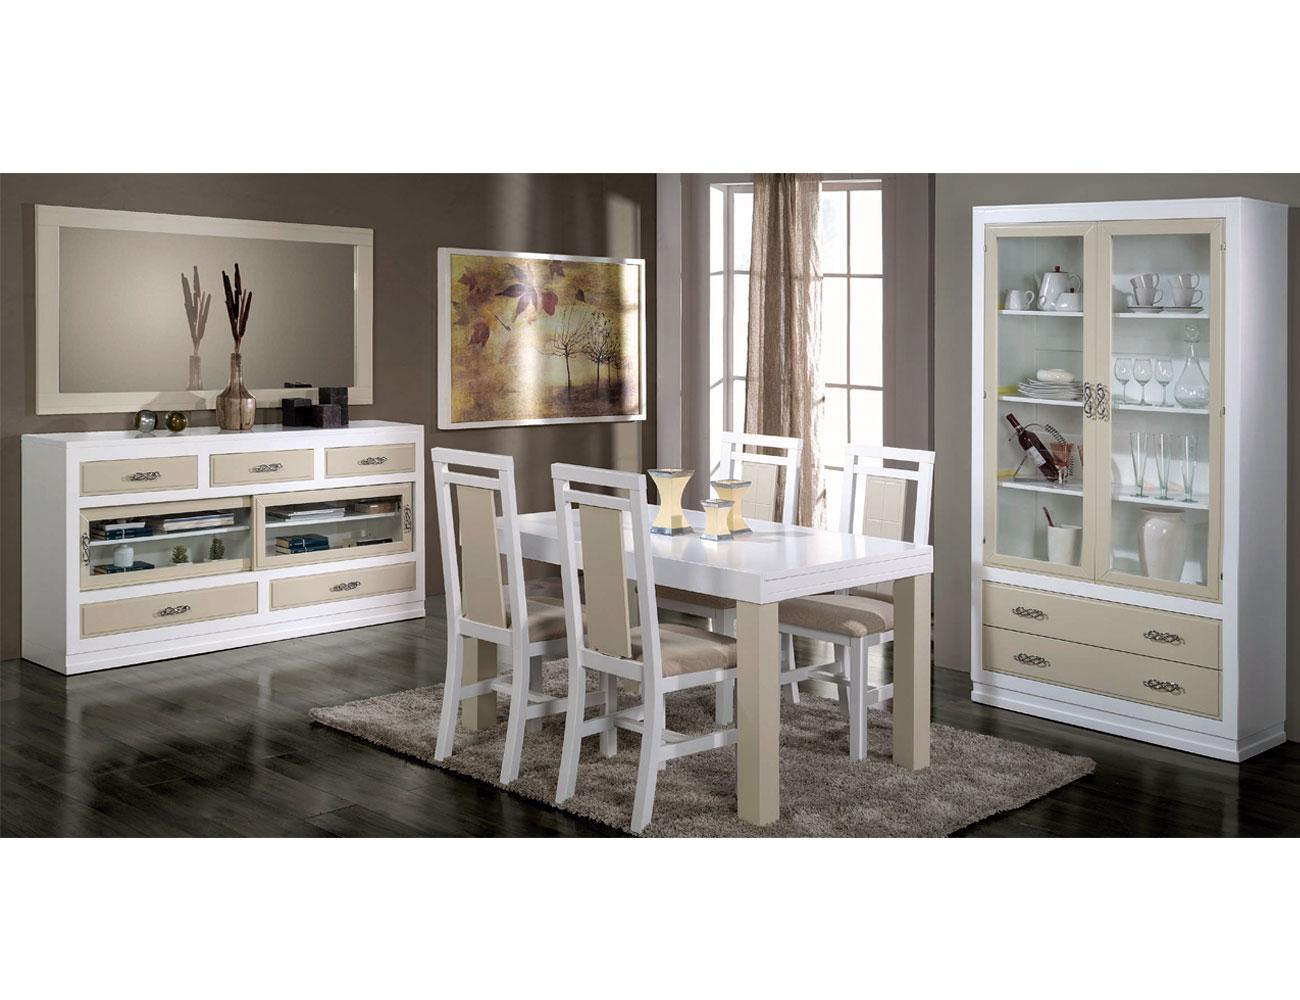 Composicion56 mueble salon comedor aparador vitrina mesa silla2